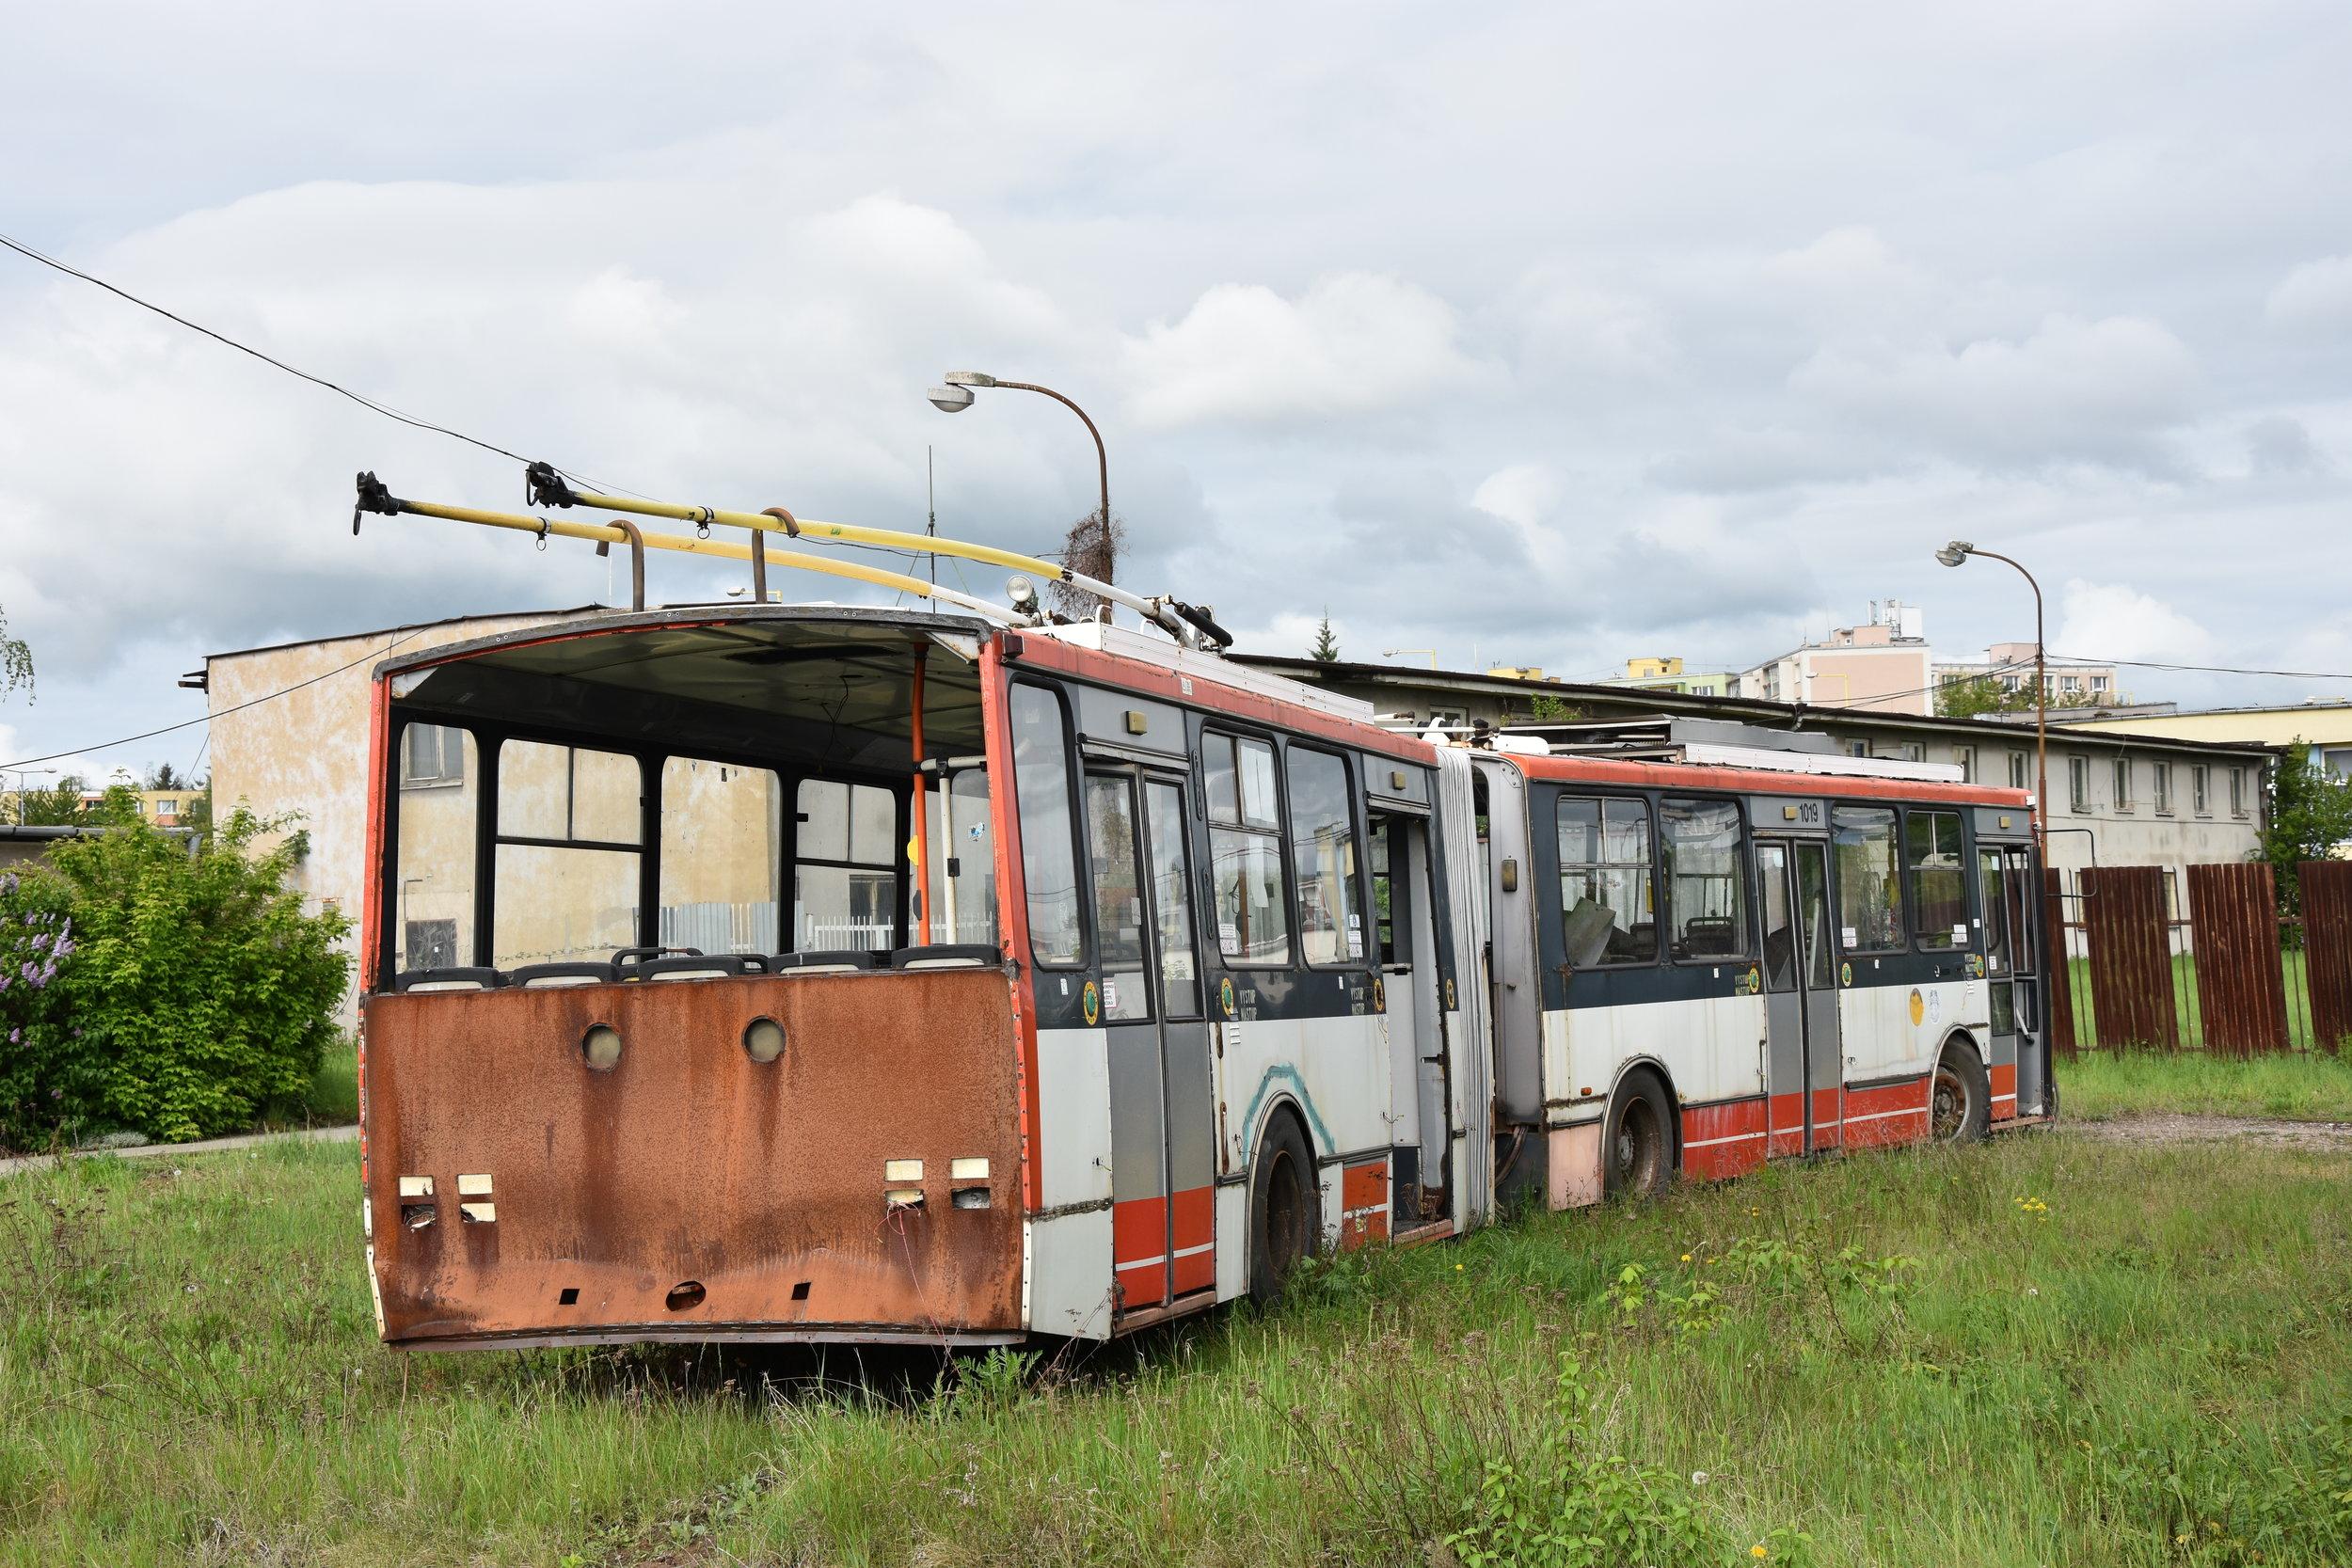 Smutný osud košického trolejbusu Škoda 15 TrM ev. č. 1019. Na trolejbuse ještě byla zahájena oprava. Nikdy už nebyla dokončena. (foto: Libor Hinčica)